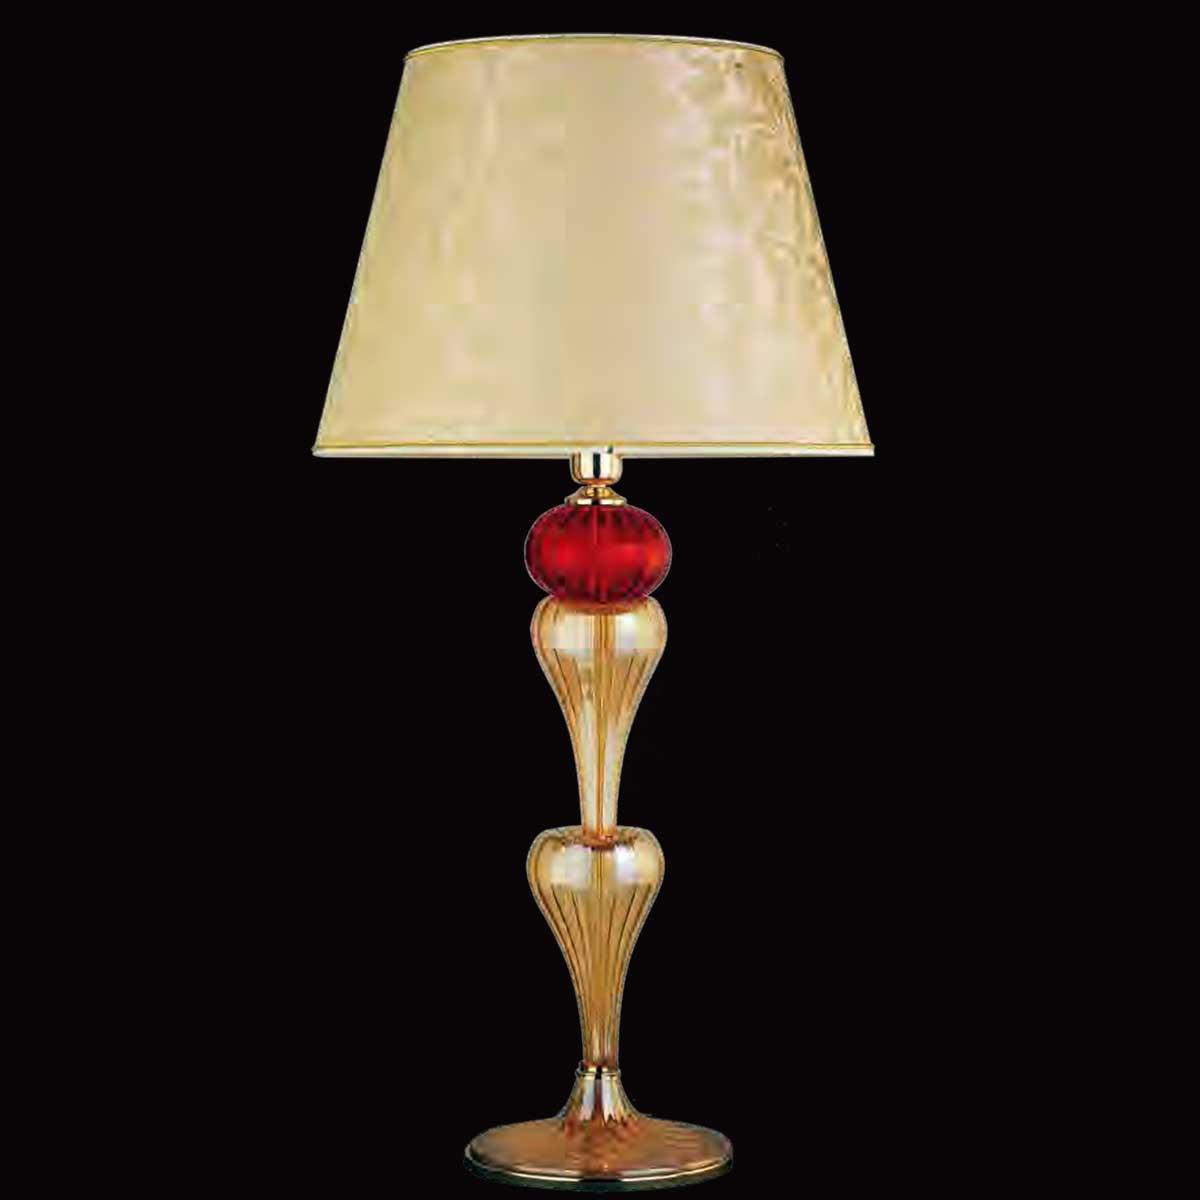 """""""Panegirico"""" lampara de sobremesa de Murano - 1 luce - ámbar y rojo"""